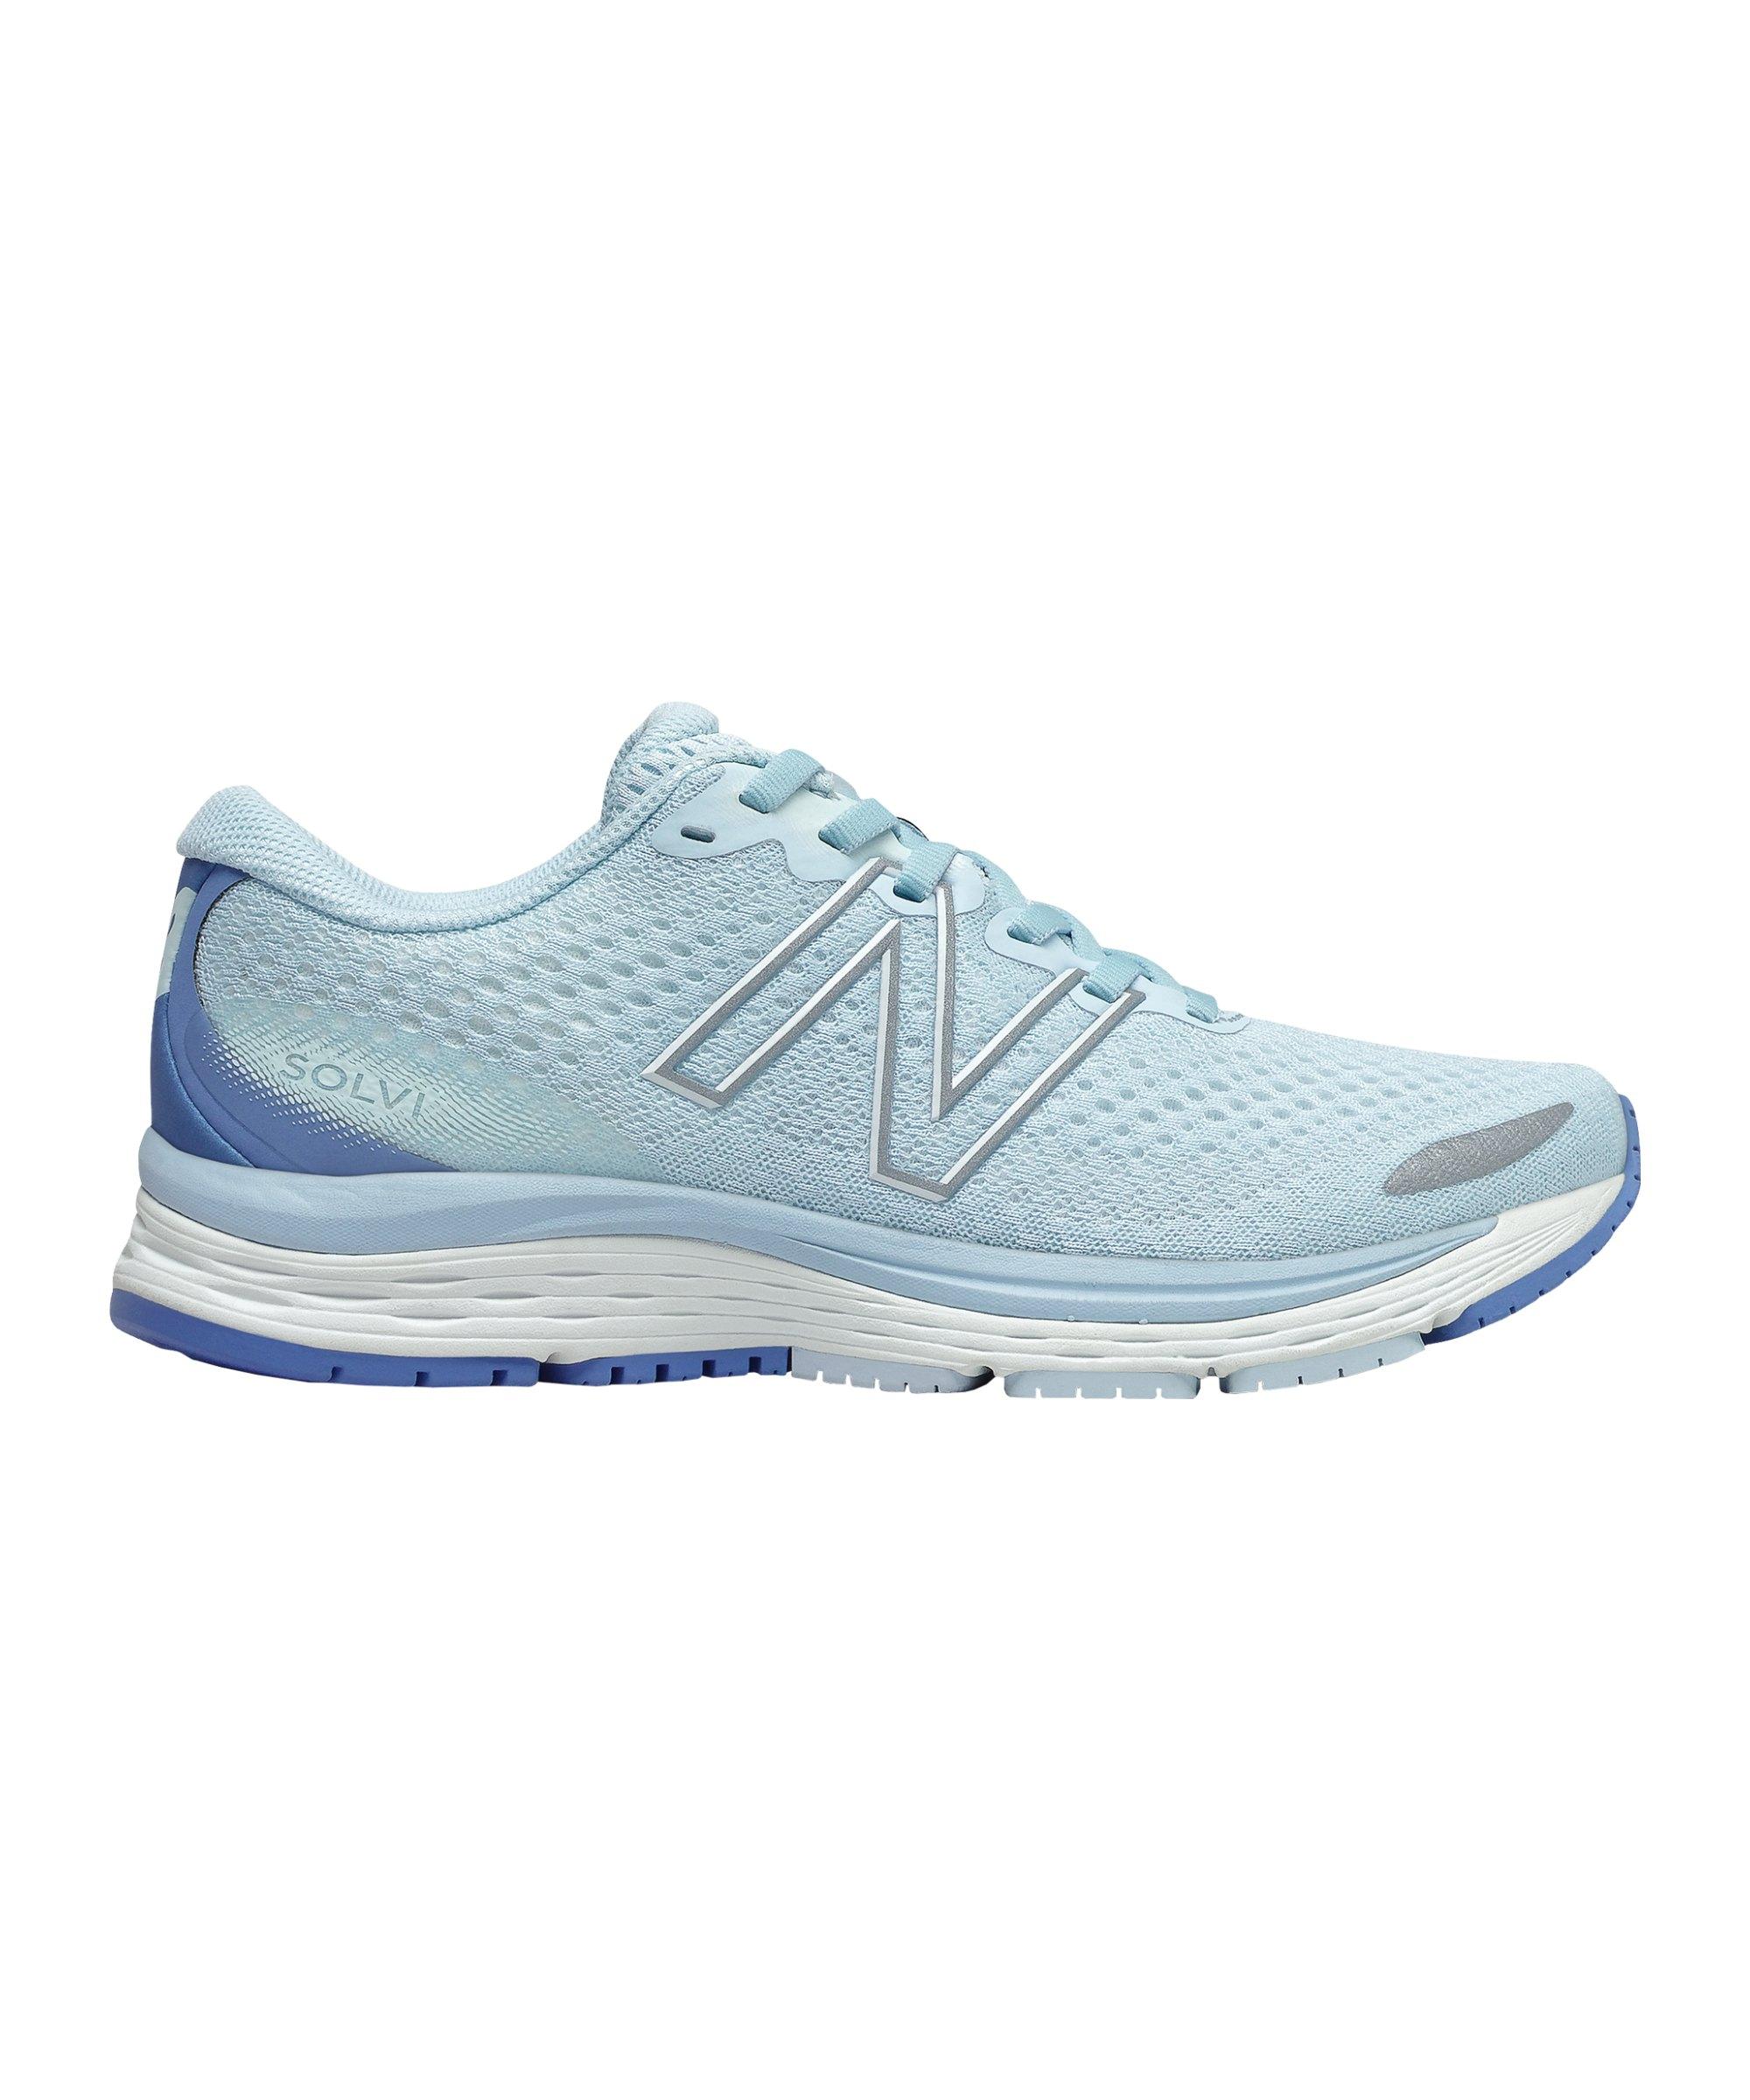 New Balance WSOLV3 Running Damen Blau FLB3 - blau